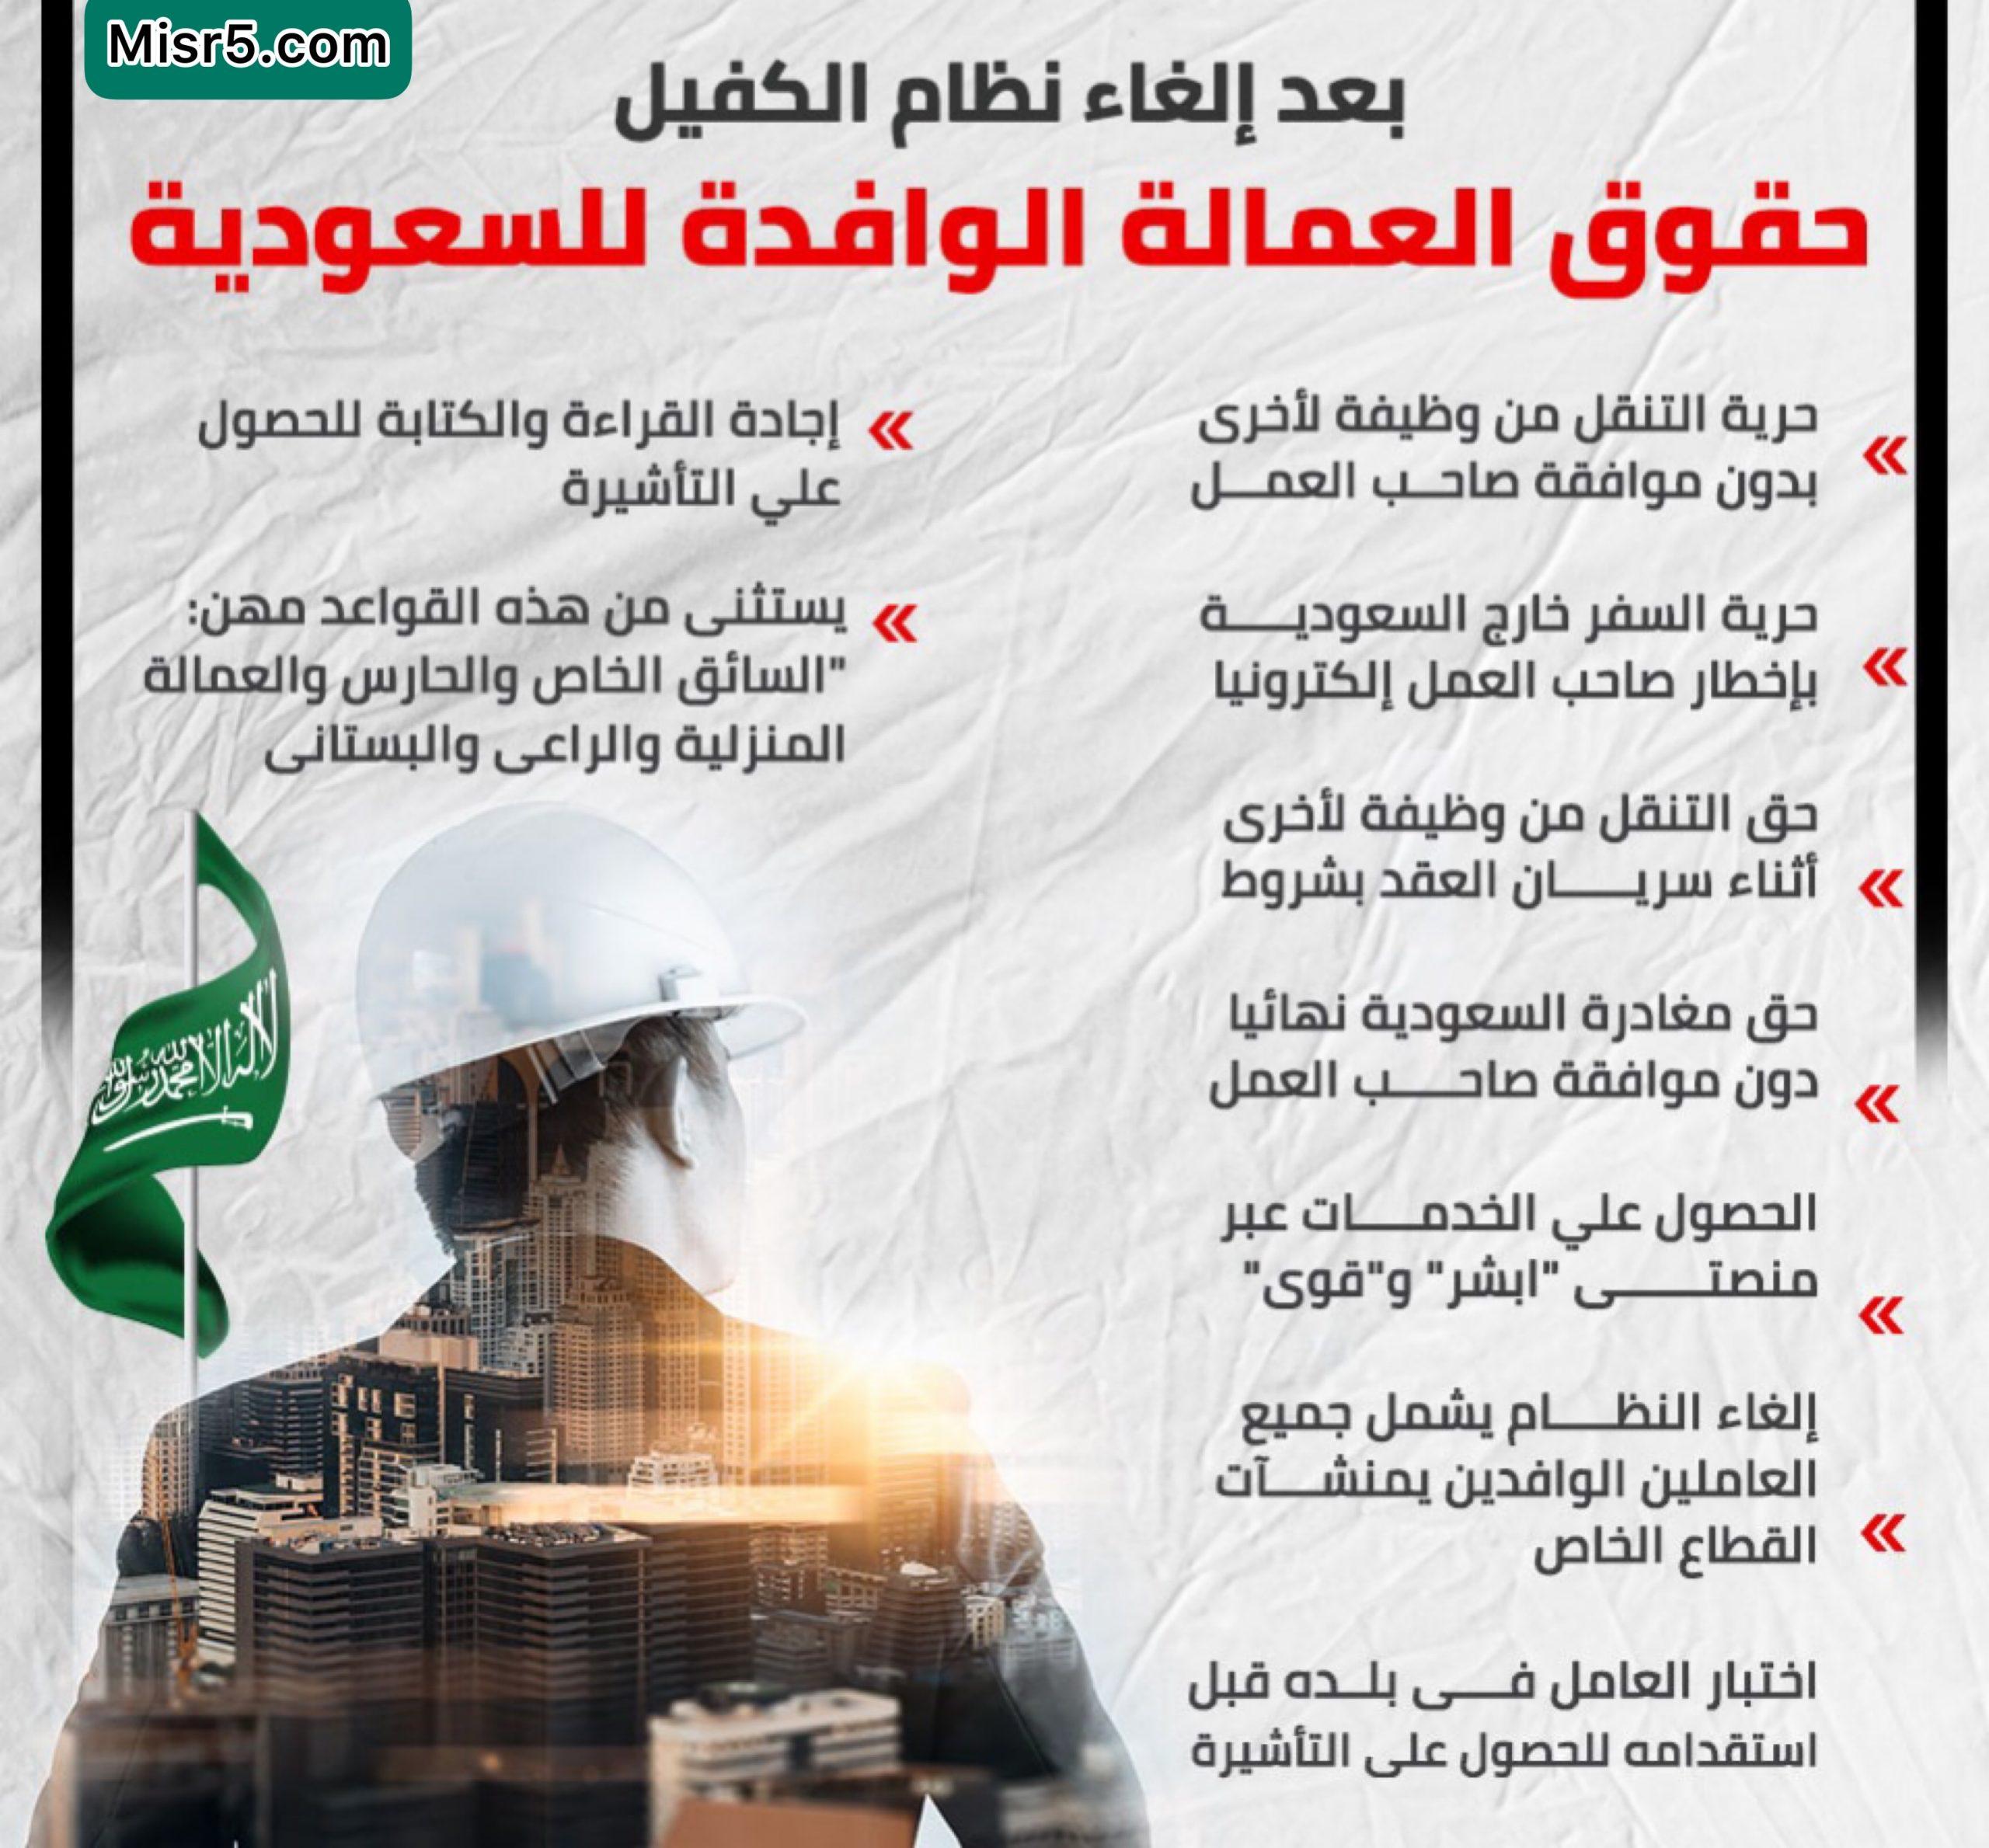 حقوق العمالة الوافدة إلي المملكة السعودية بعد إلغاء نظام الكفالة